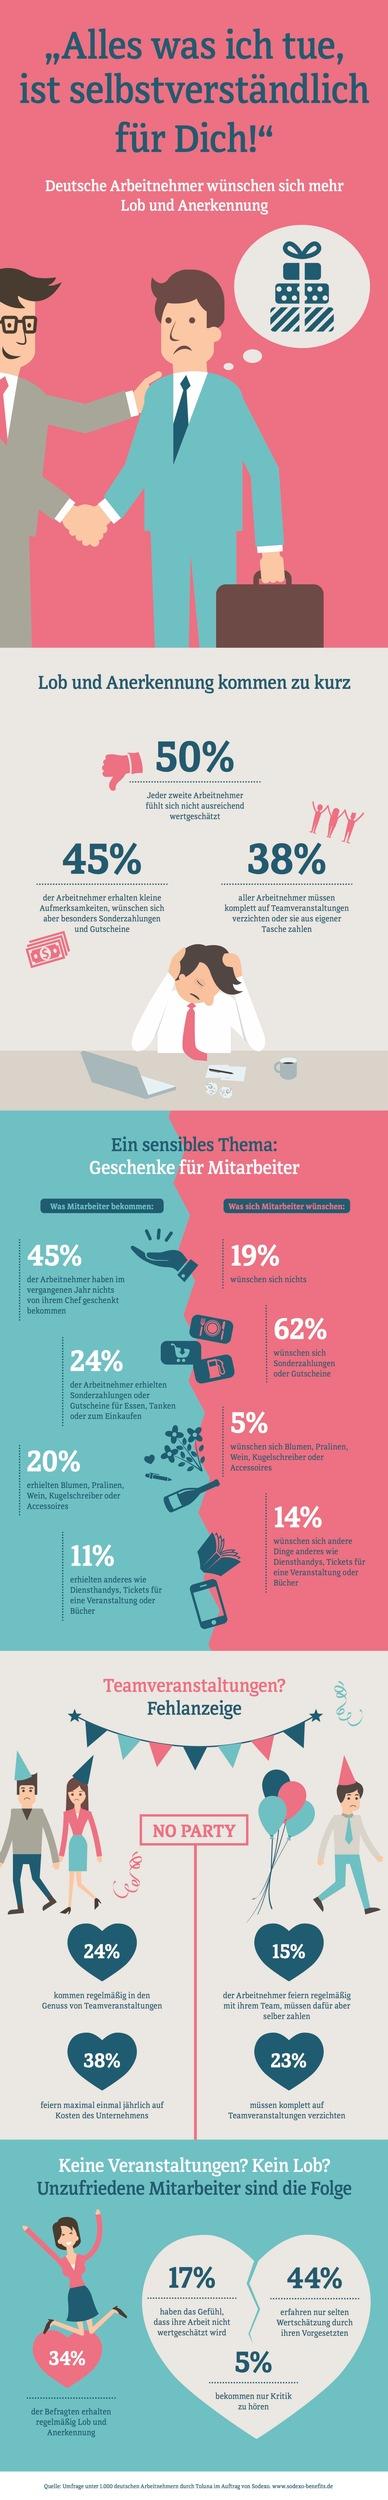 Fuer-dich-ist-alles-was-ich-tue-selbstverstaendlich-Deutsche-Arbeitnehmer-wuenschen-sich-mehr-Lob-und-Anerkennung